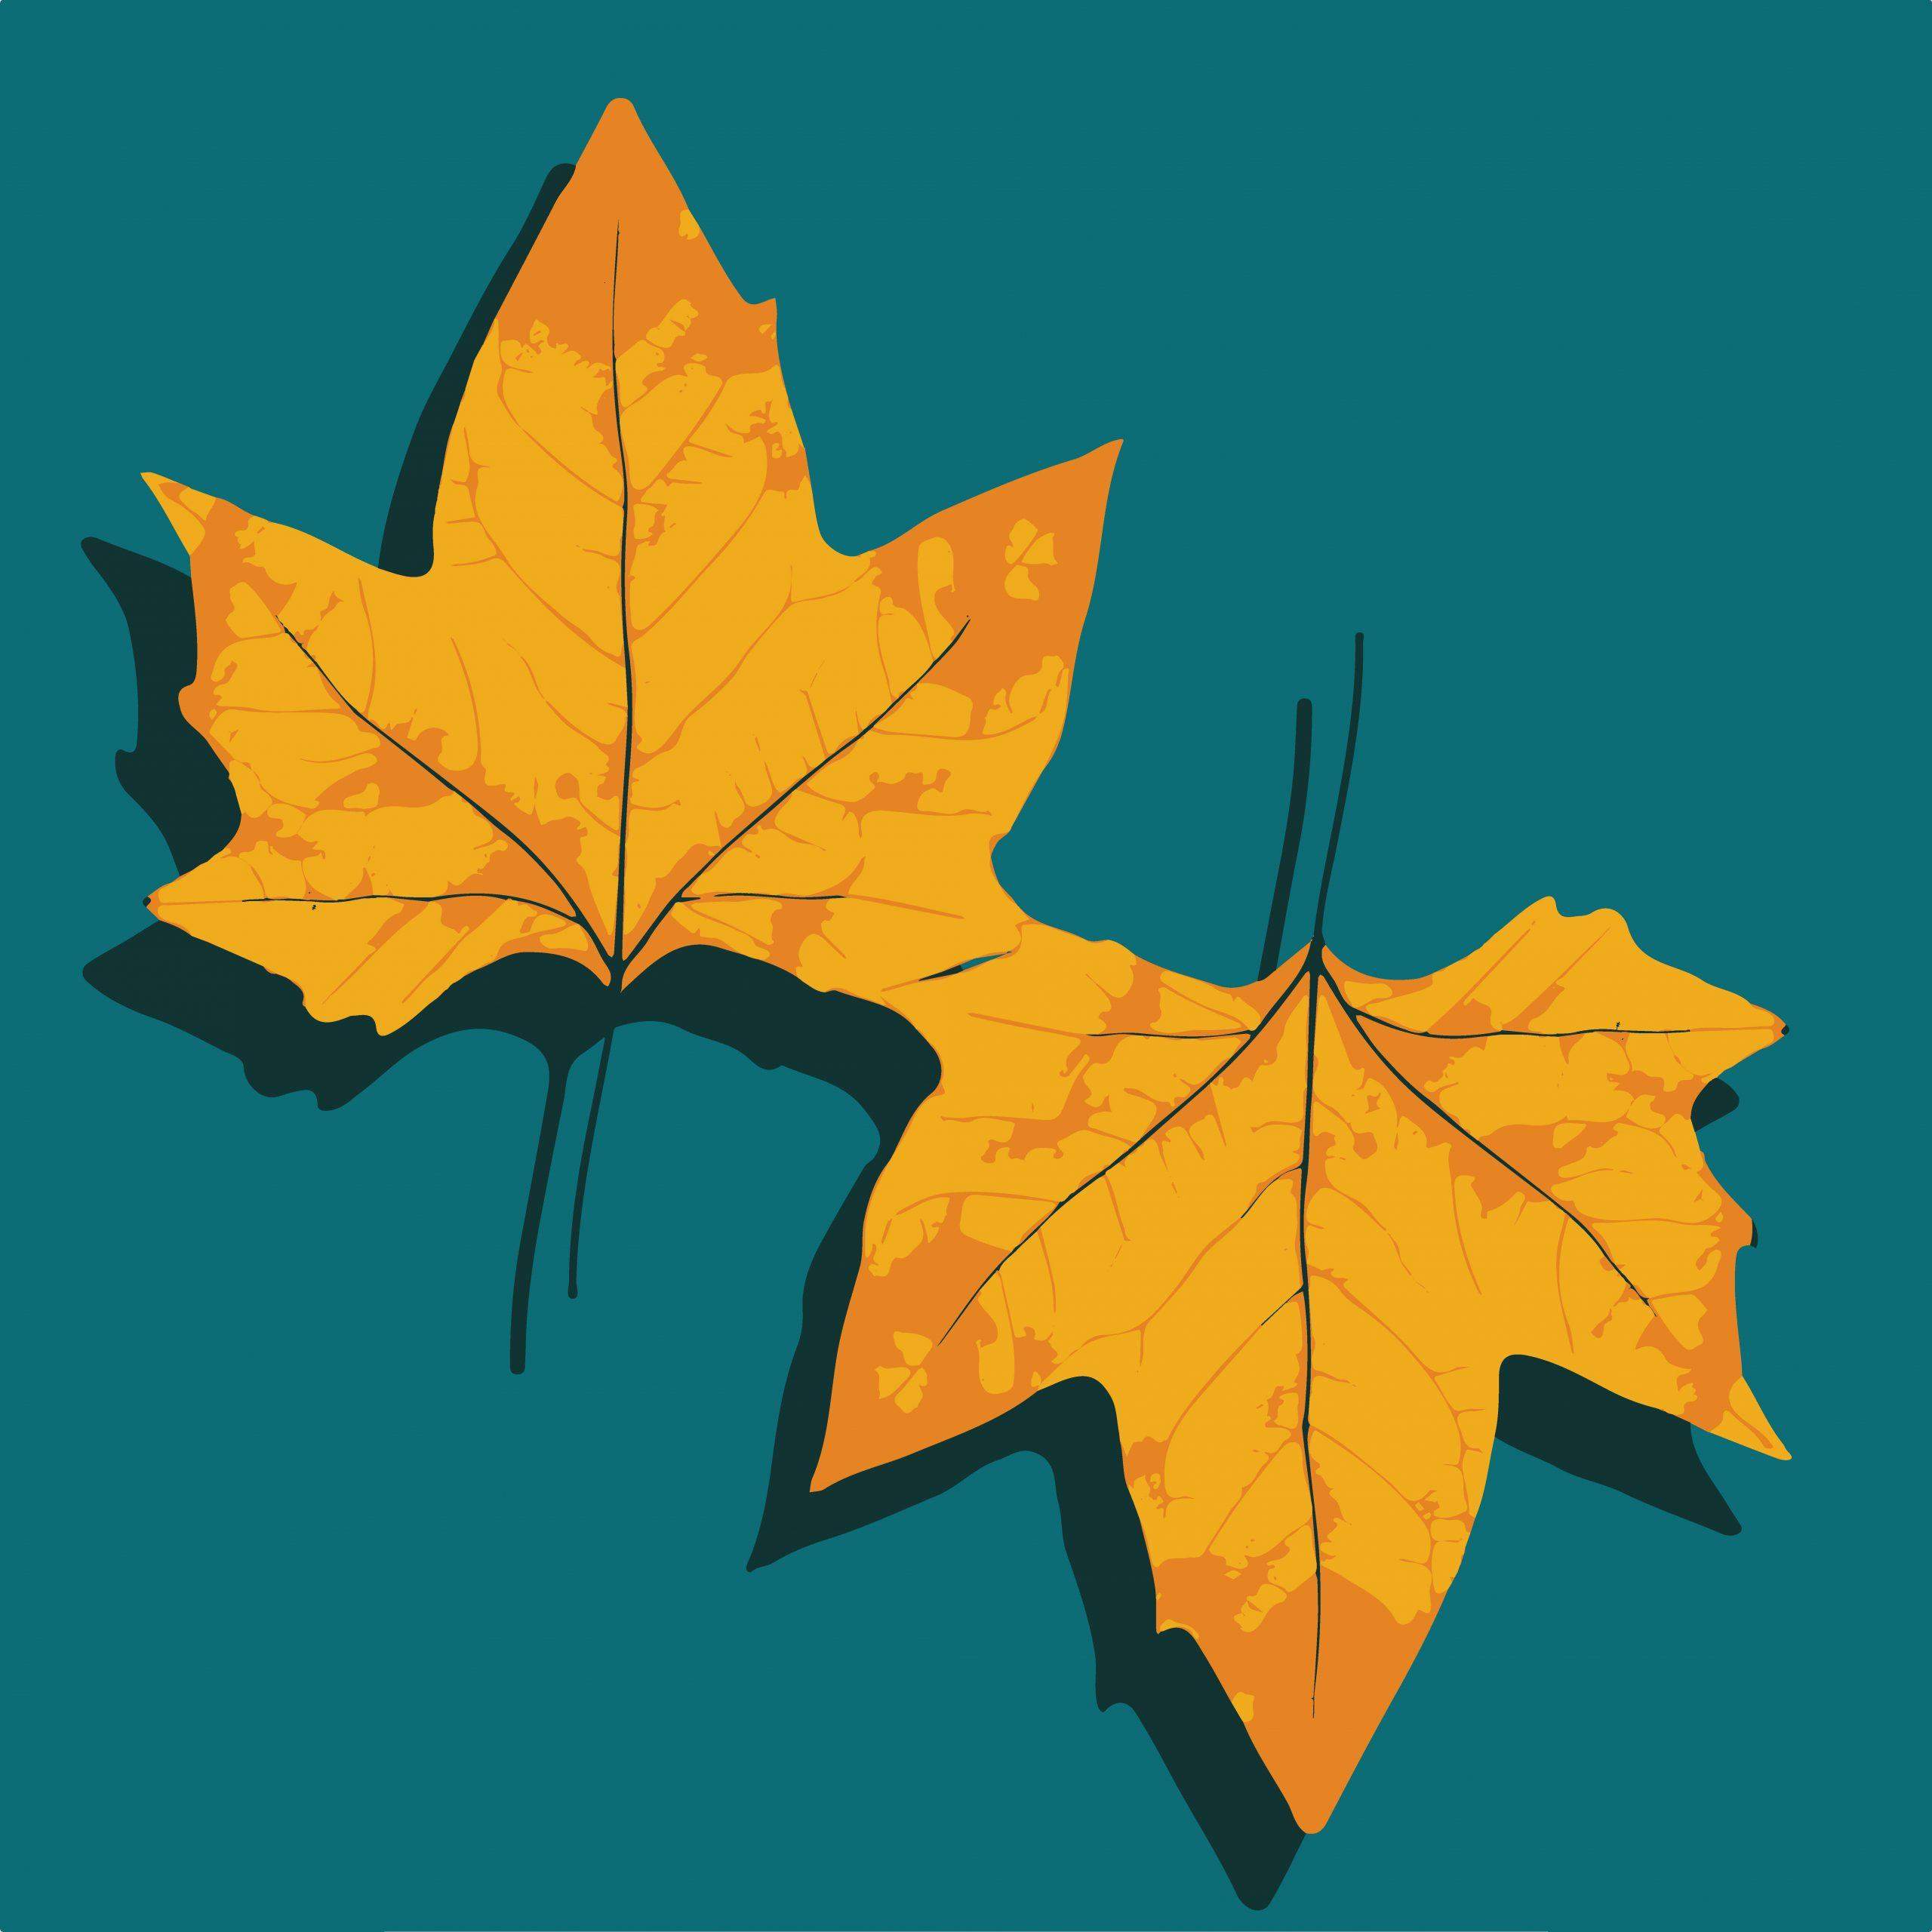 Maple leaves illustration